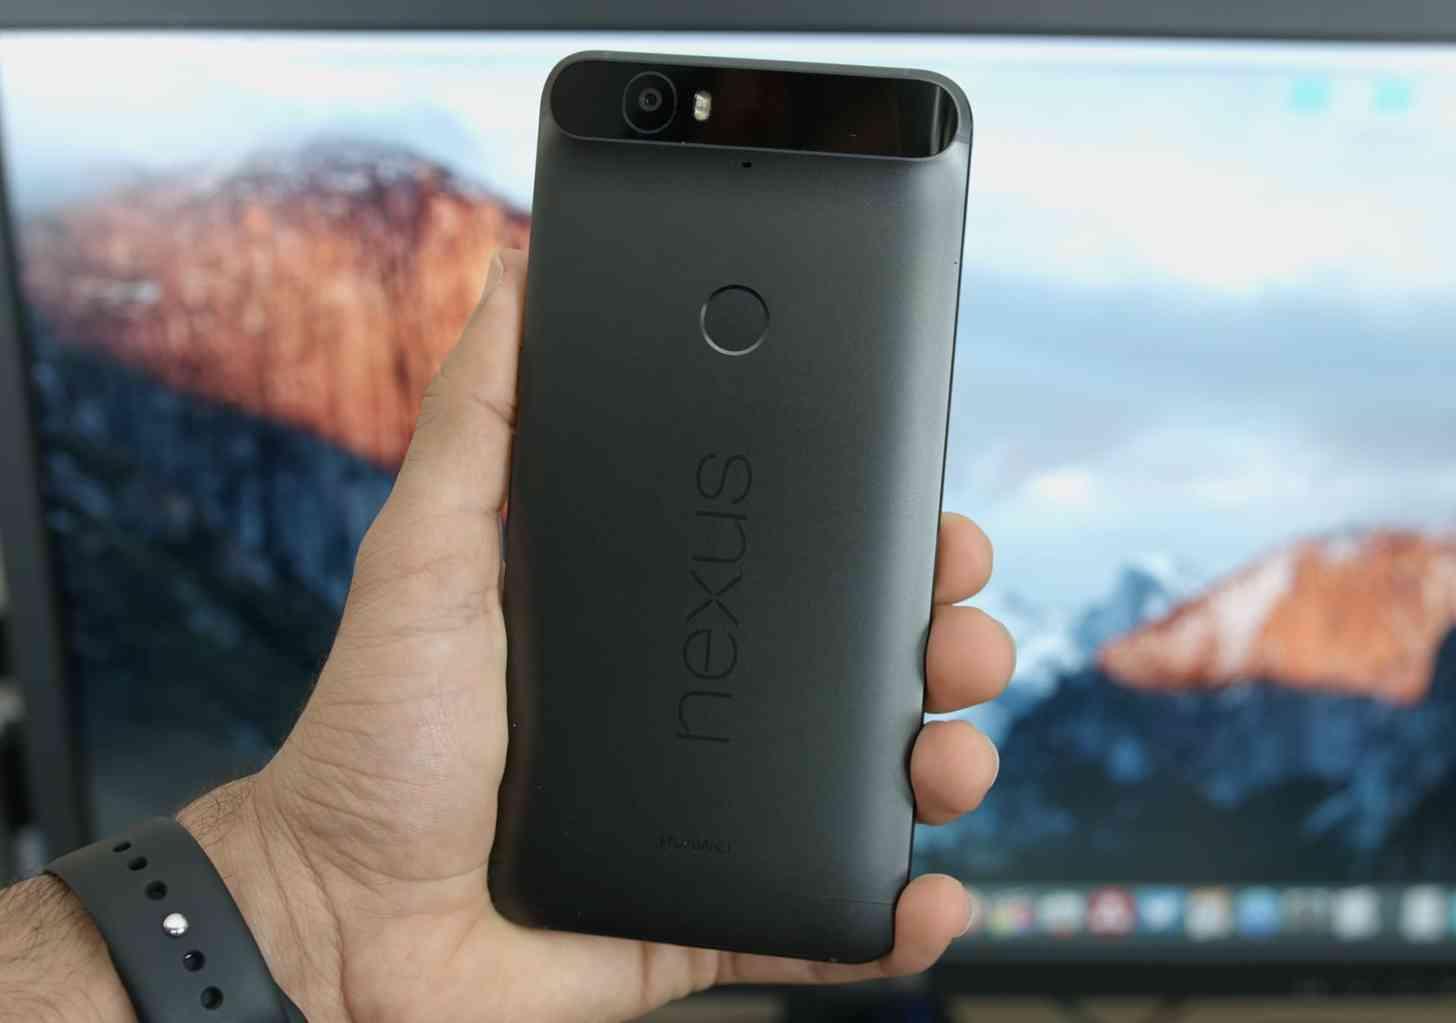 Nexus 6P hands-on